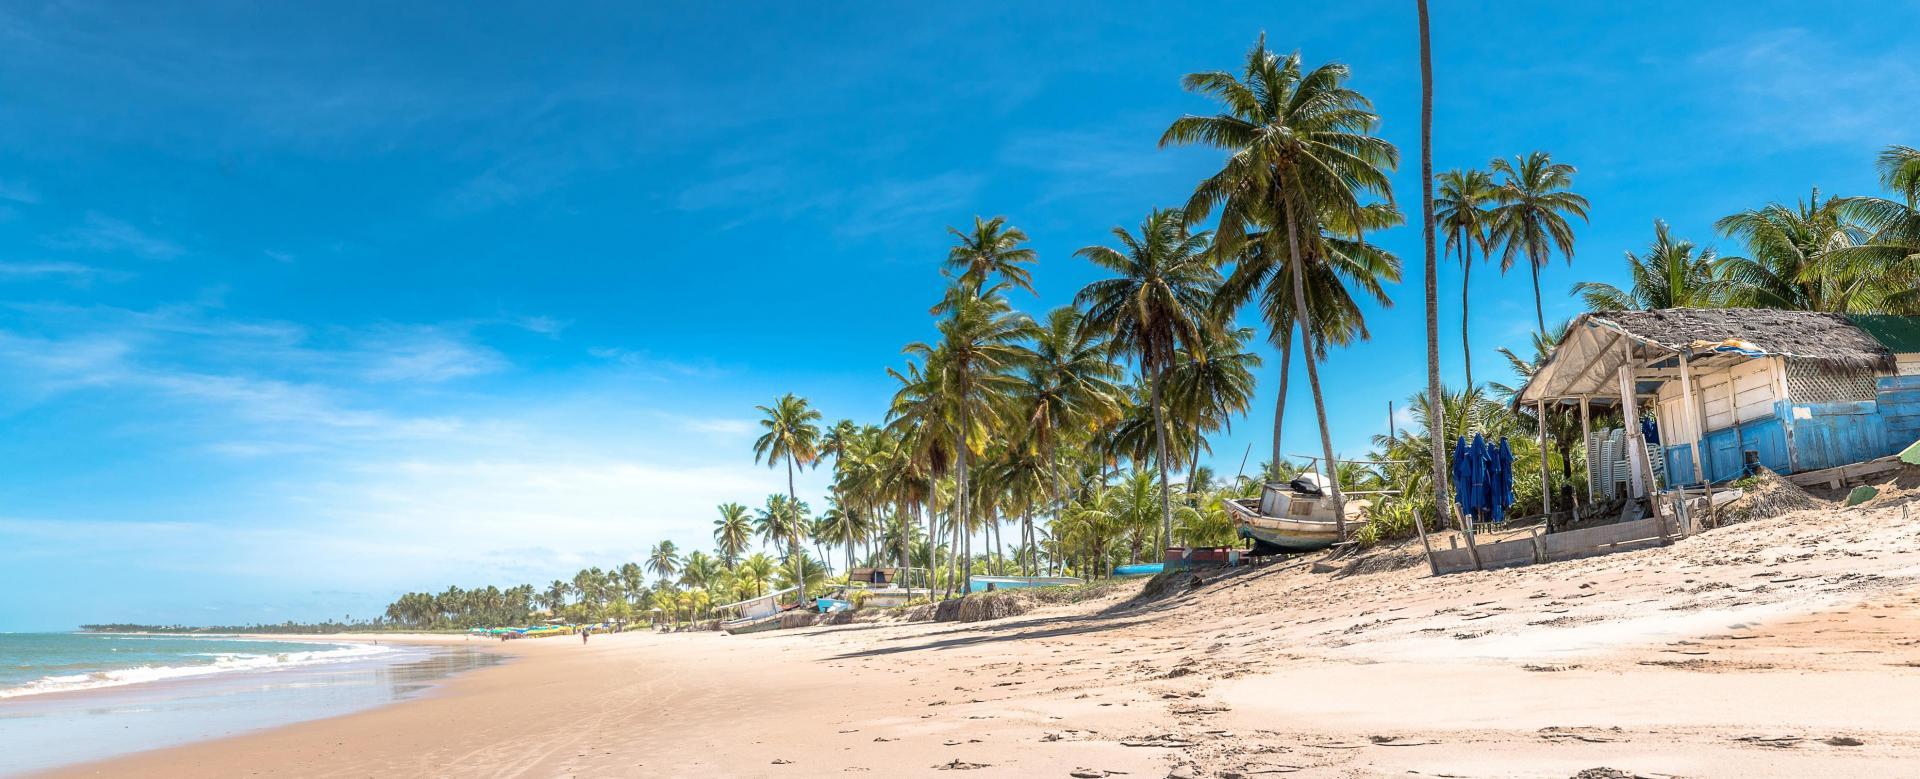 Voyage à pied : Rando et océan à bahia